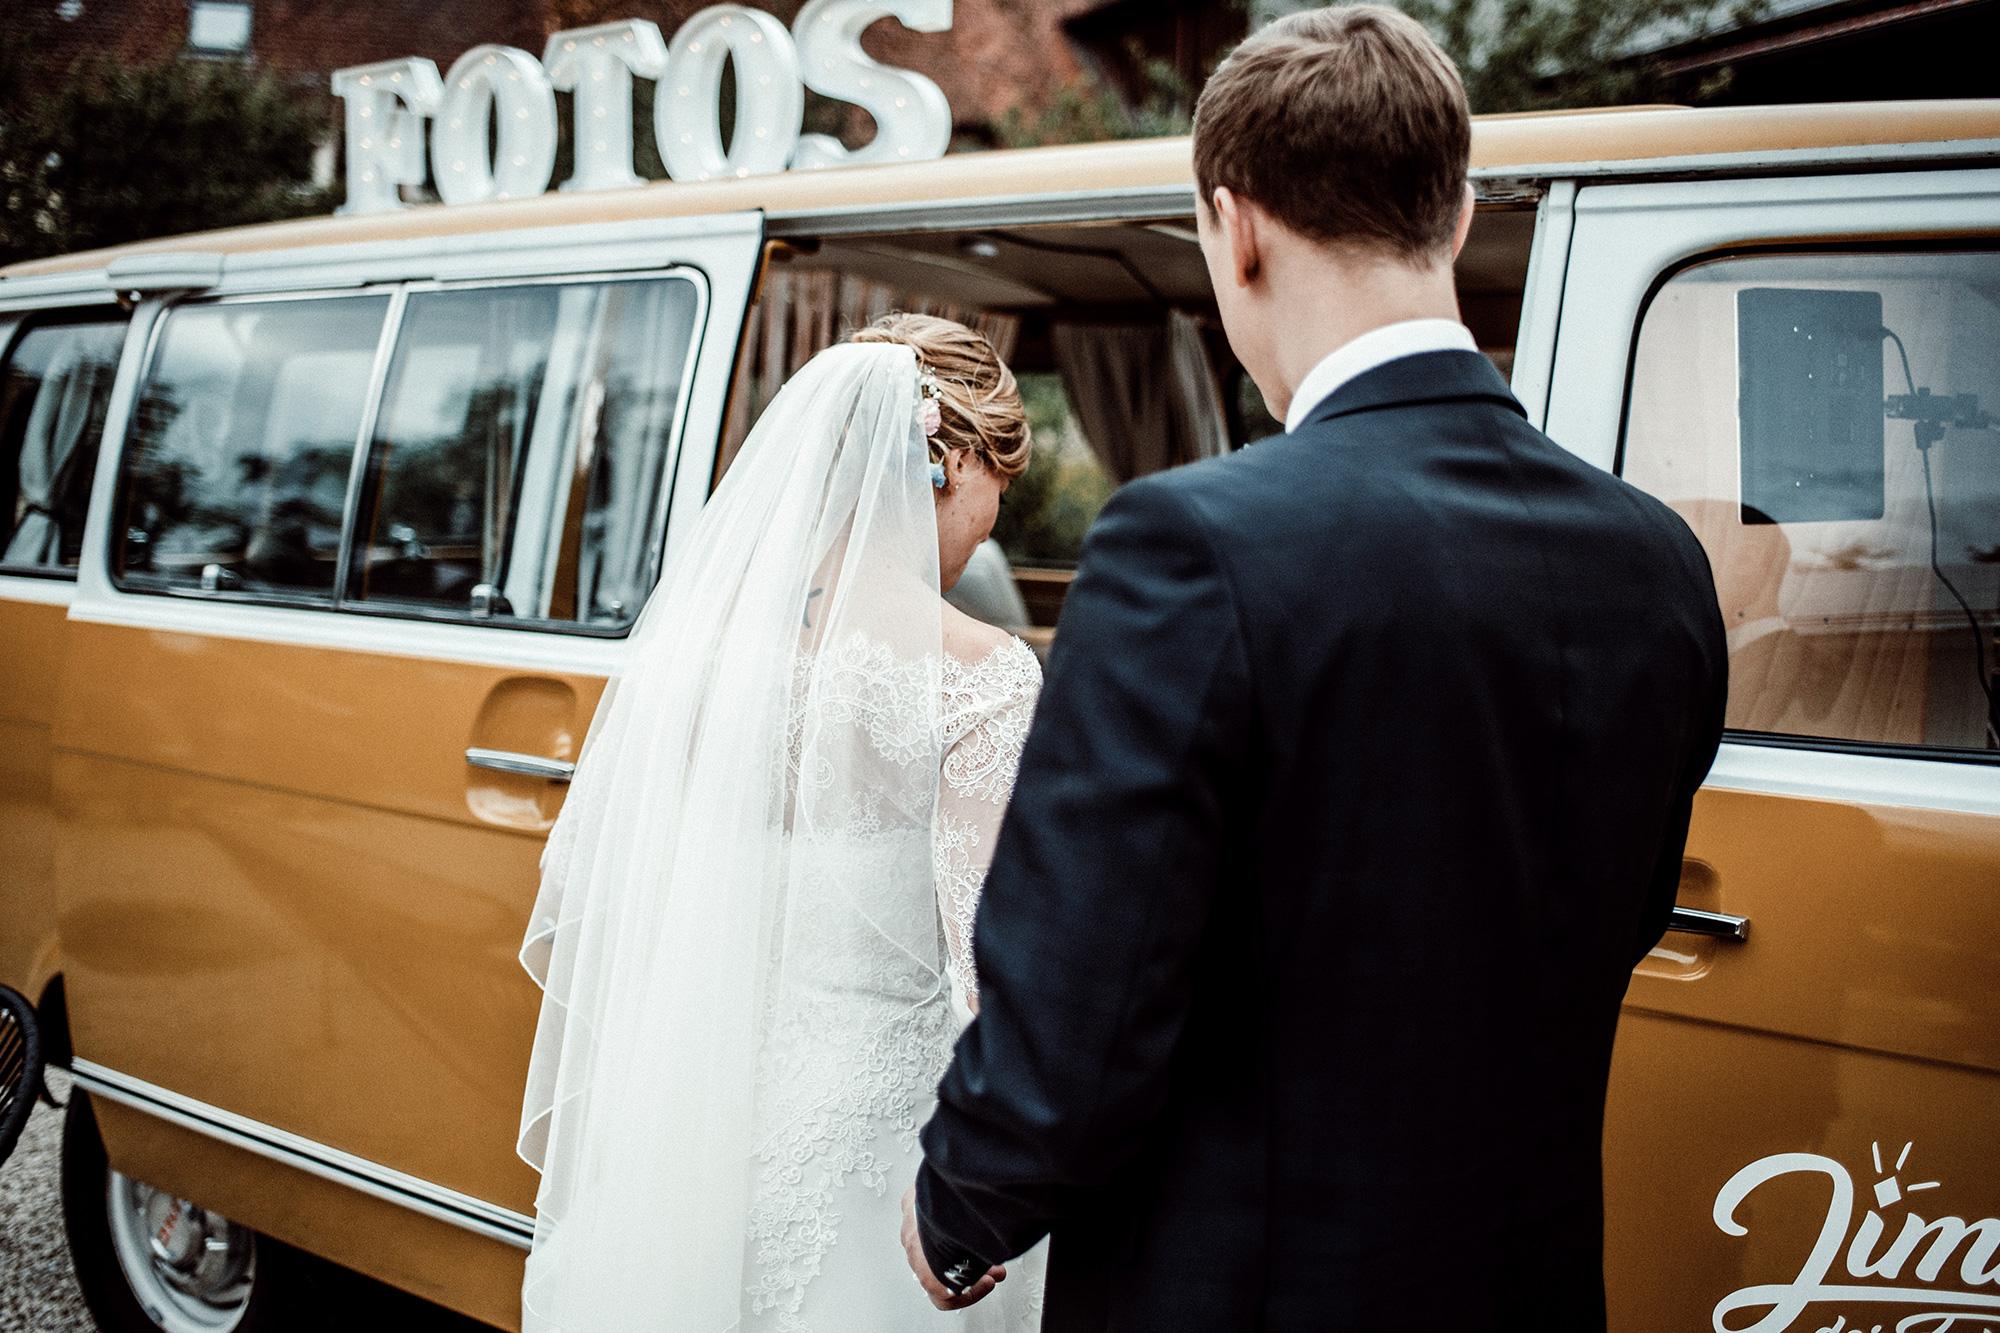 Fotobus-Jimmy-Fotobulli–Hochzeit-Fotobooth-Fotobox-V17.jpg